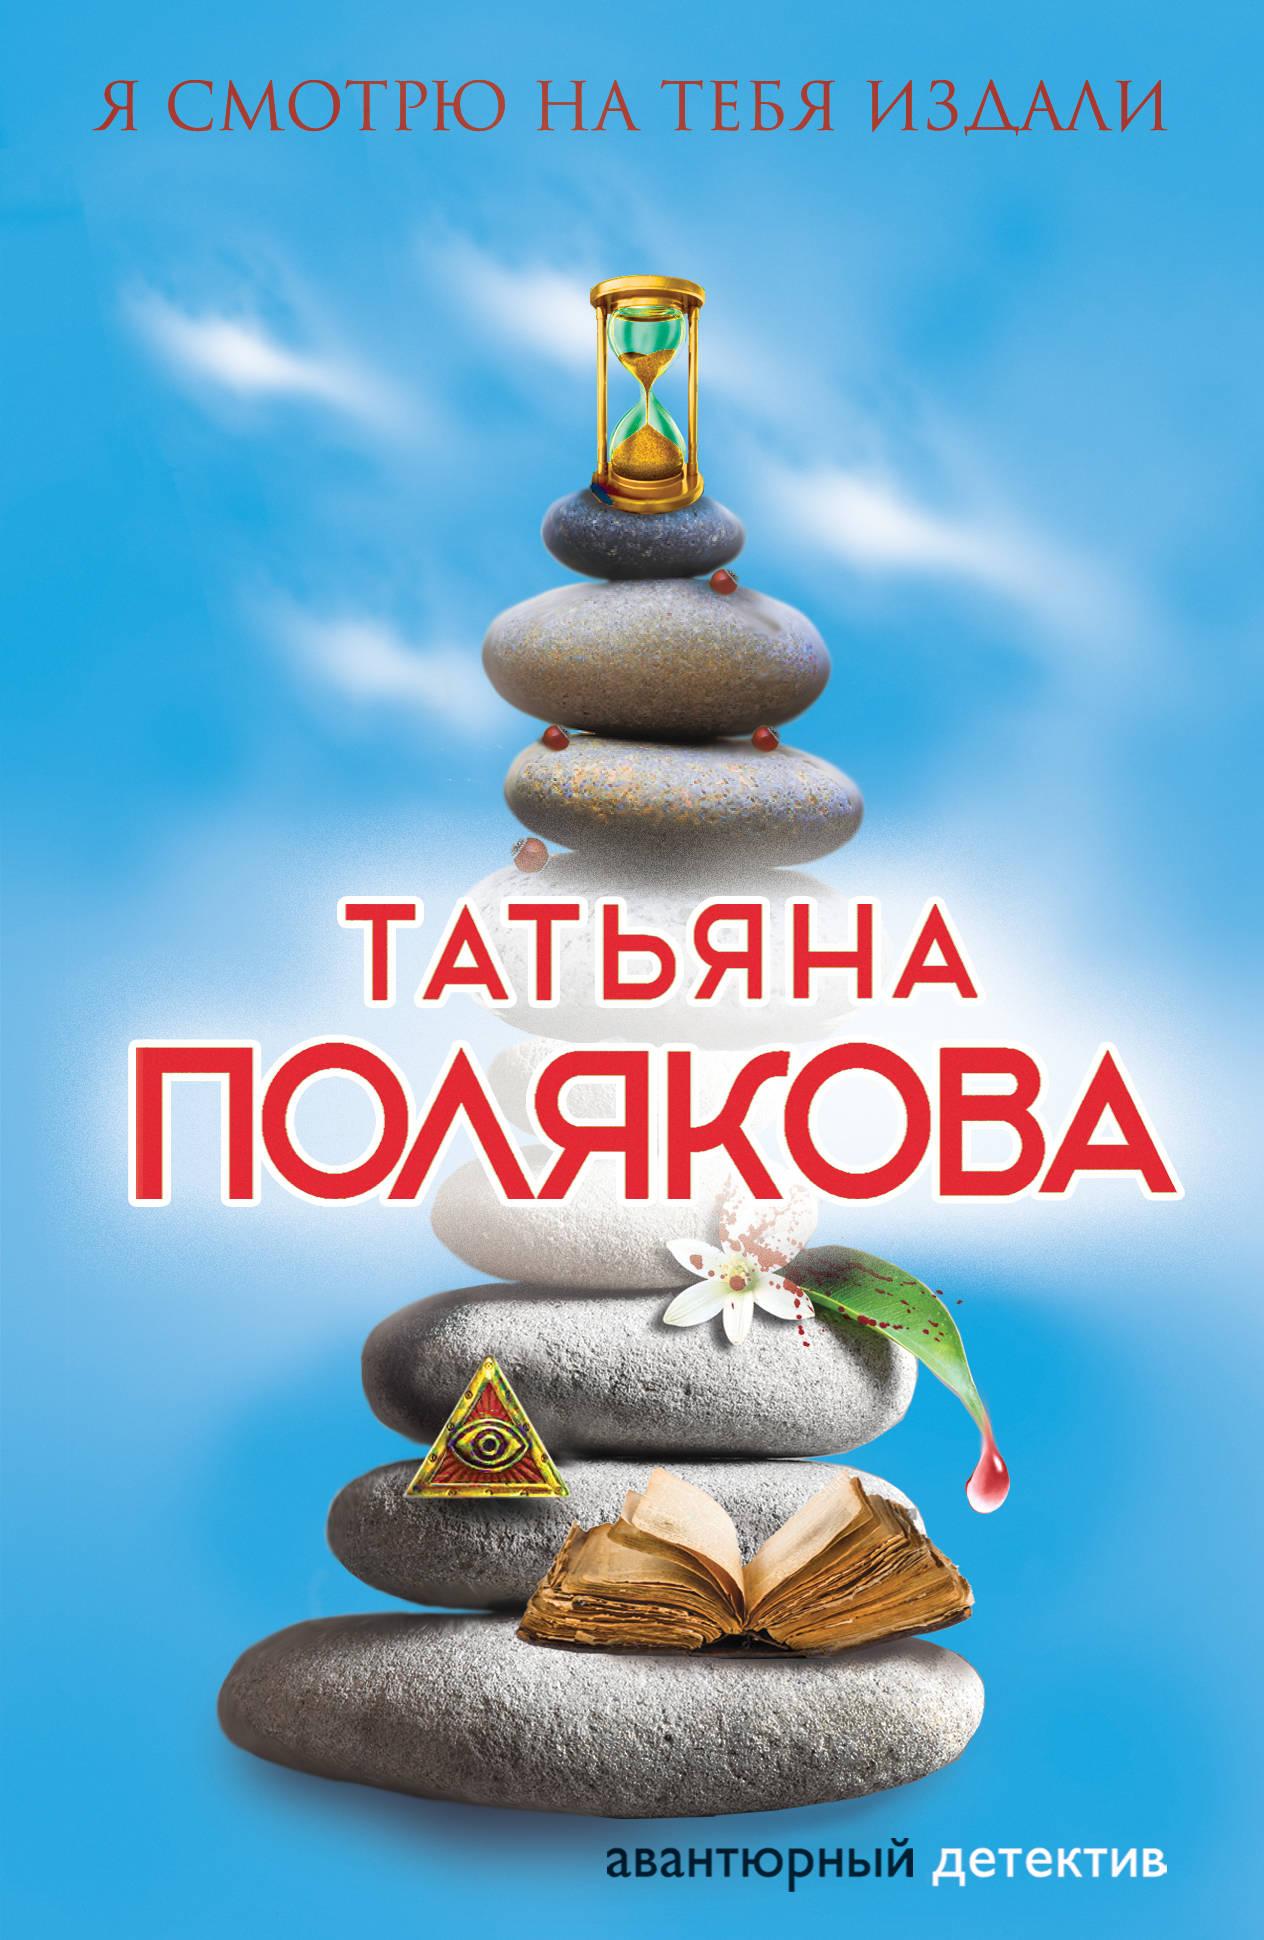 Полякова Татьяна Викторовна Я смотрю на тебя издали